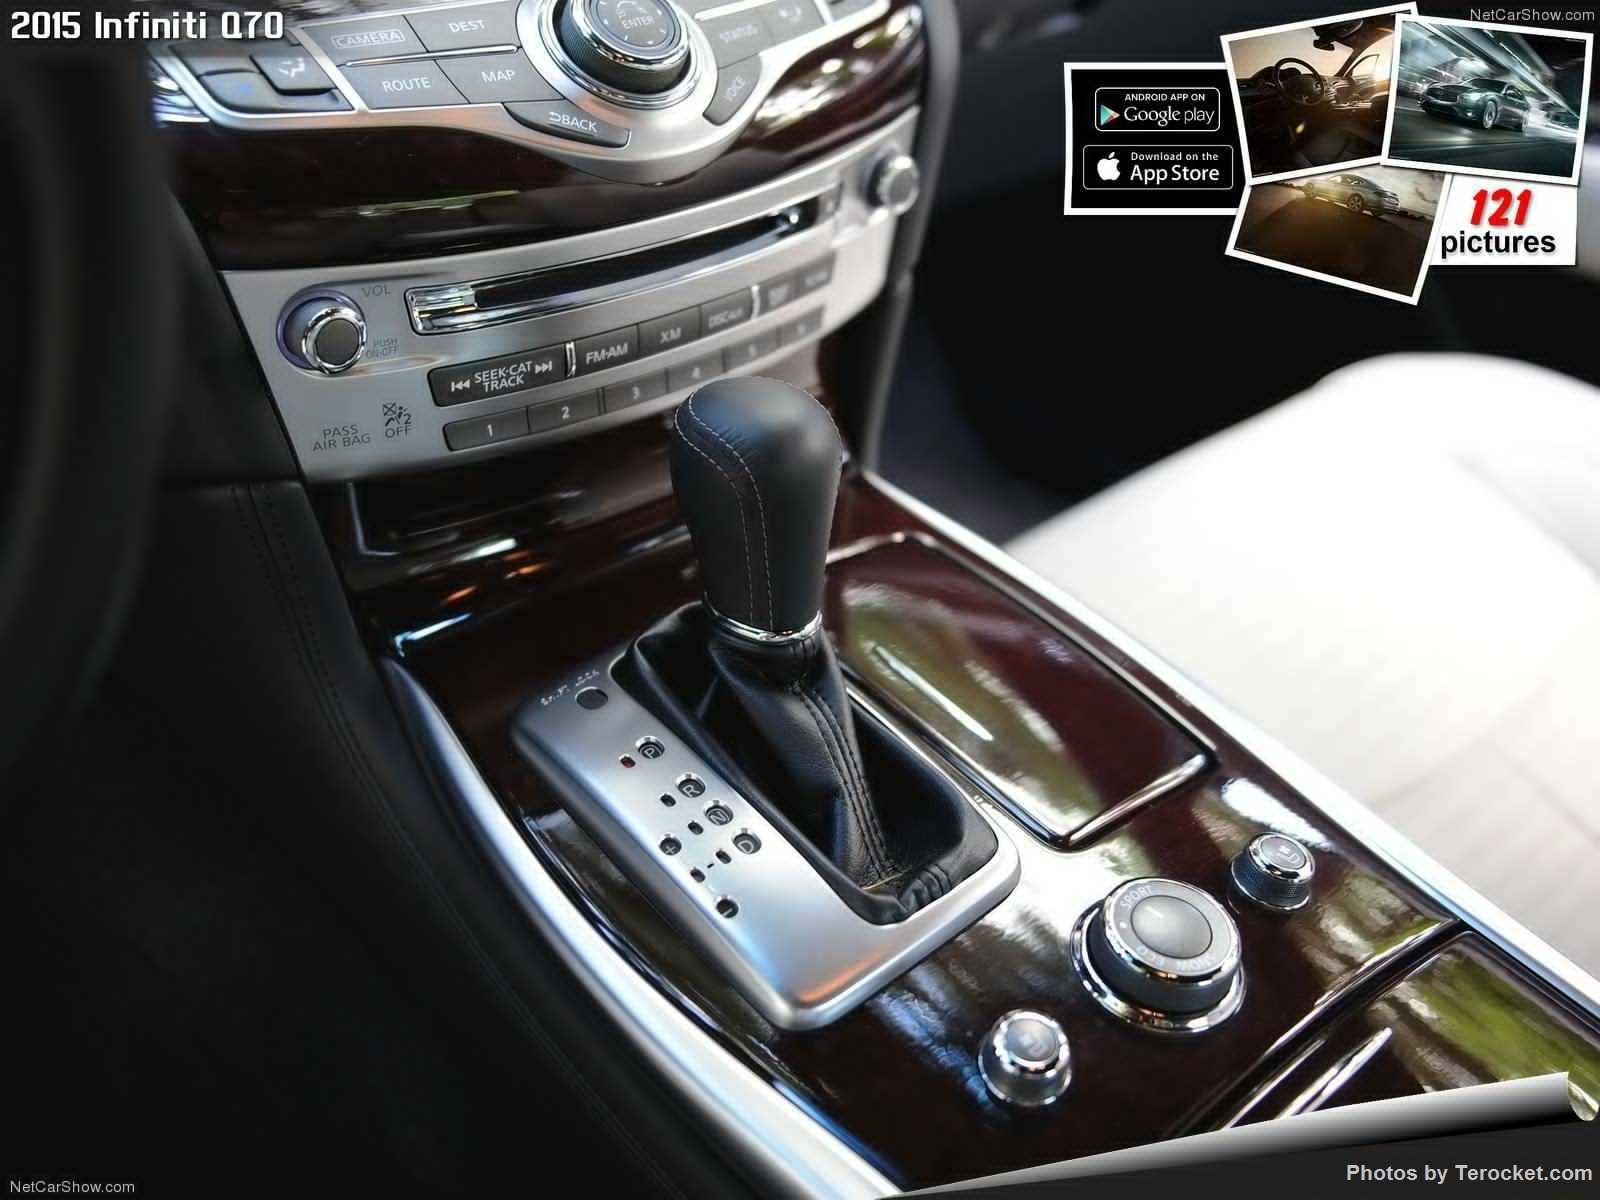 Hình ảnh xe ô tô Infiniti Q70 2015 & nội ngoại thất